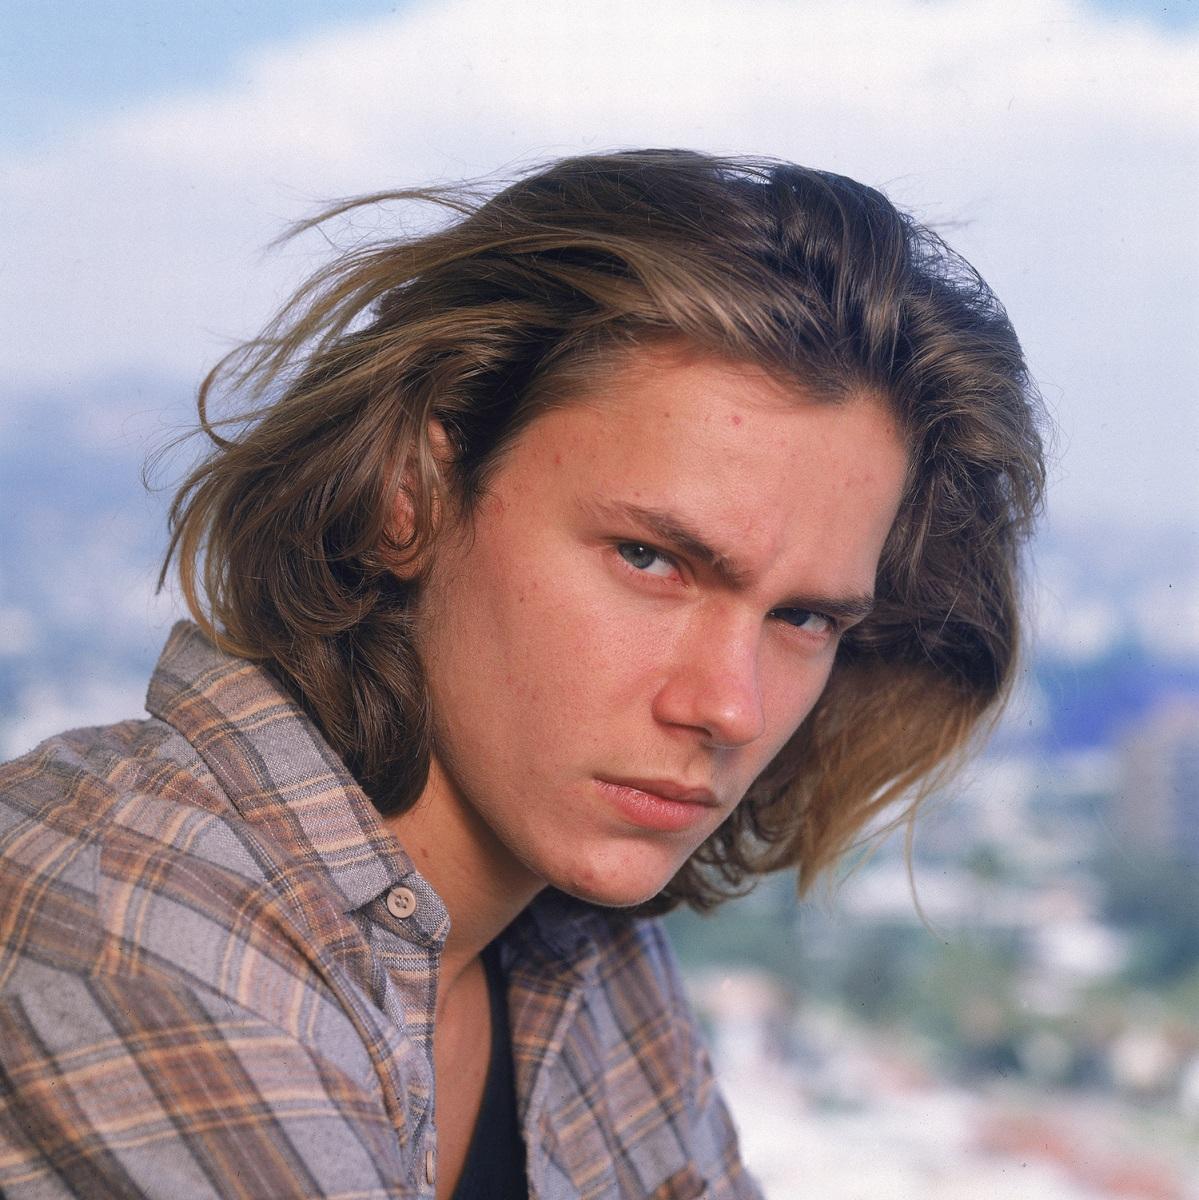 Outdoor Portrait Of Actor River Phoenix, 1991.